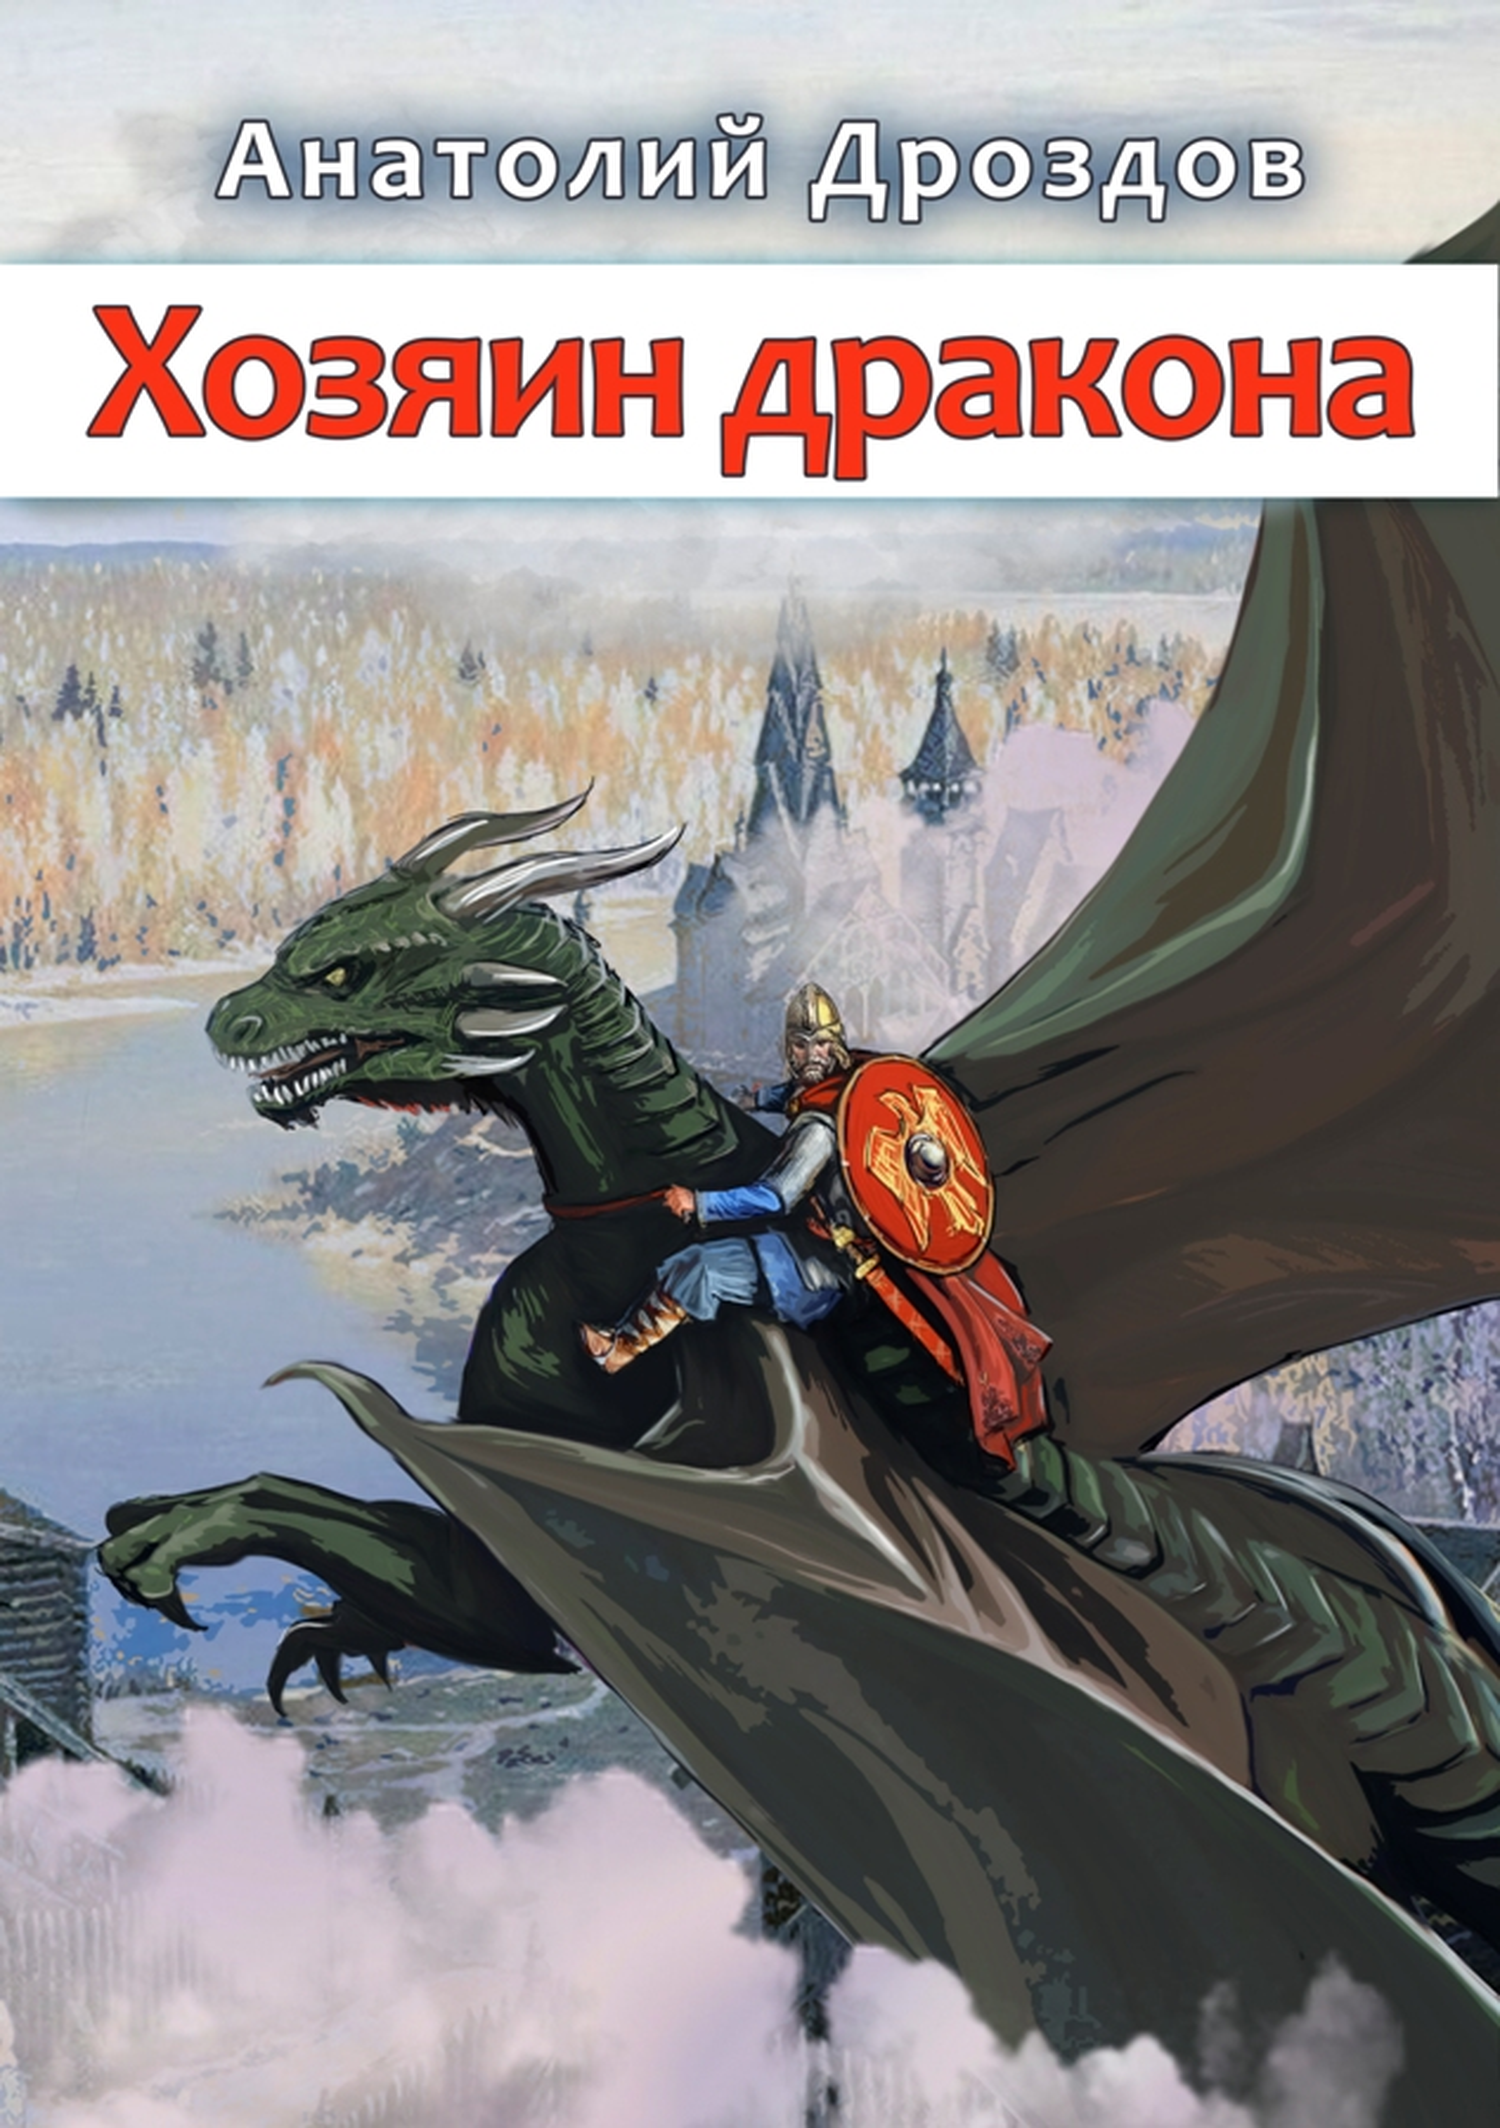 Хозяин дракона